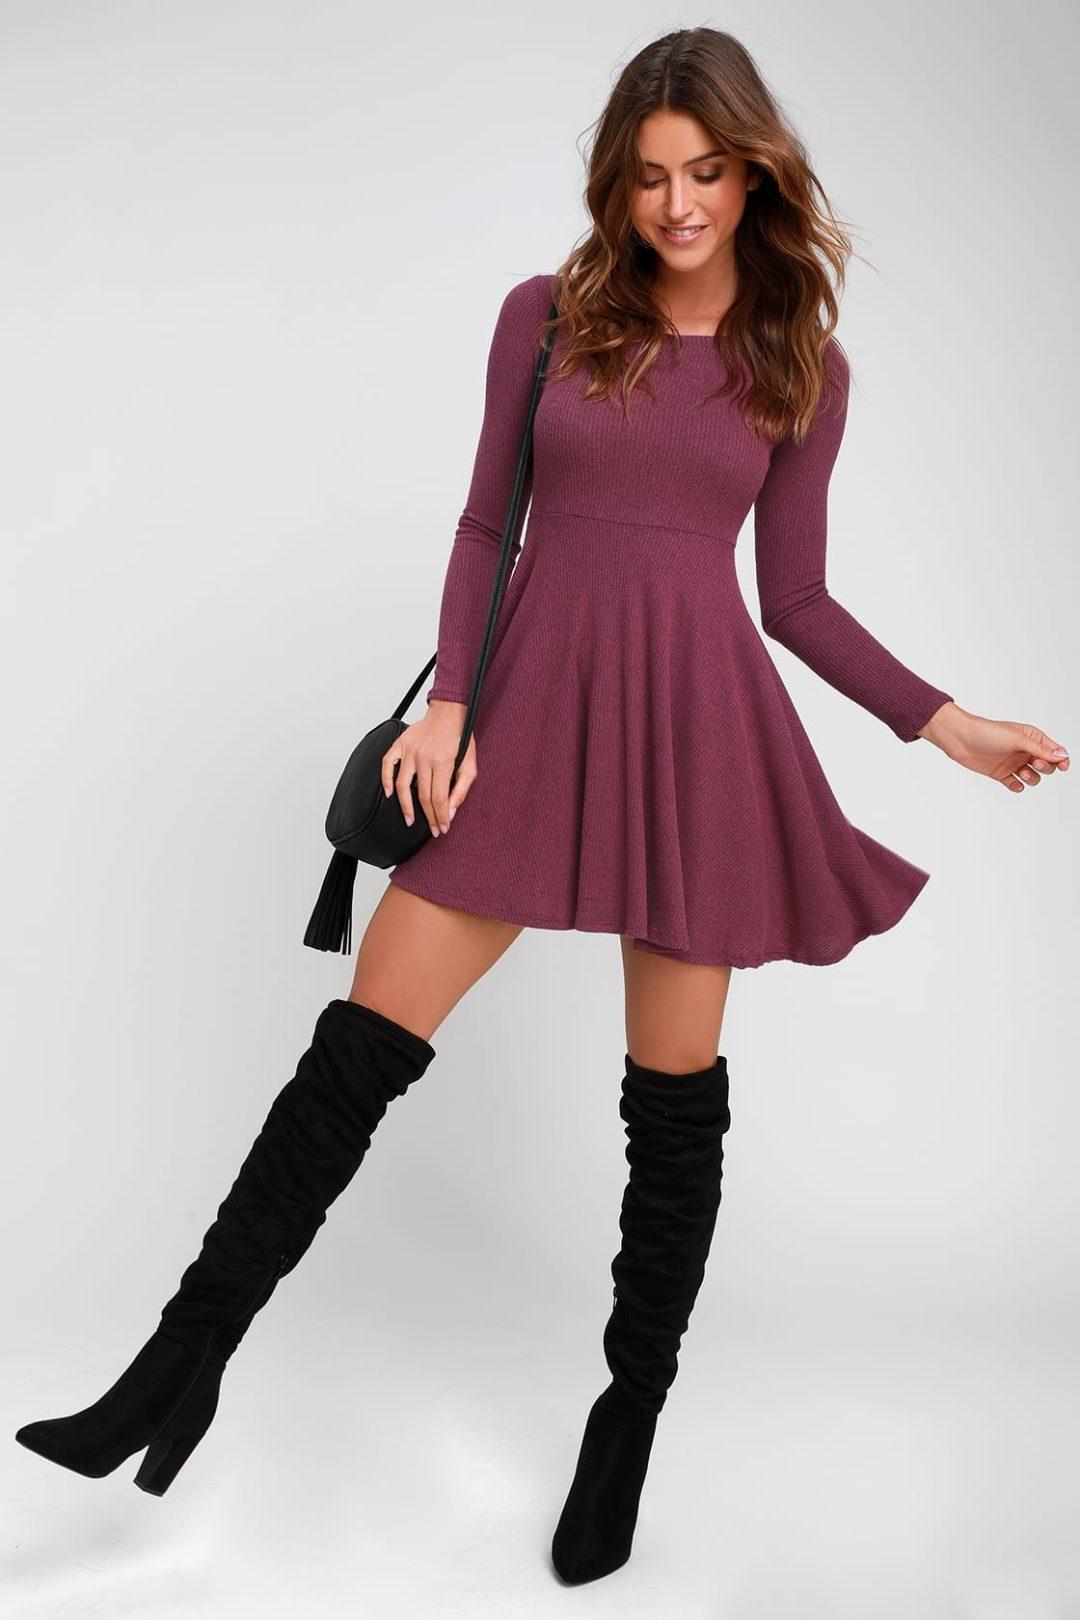 Burgundy flowy sweater dress